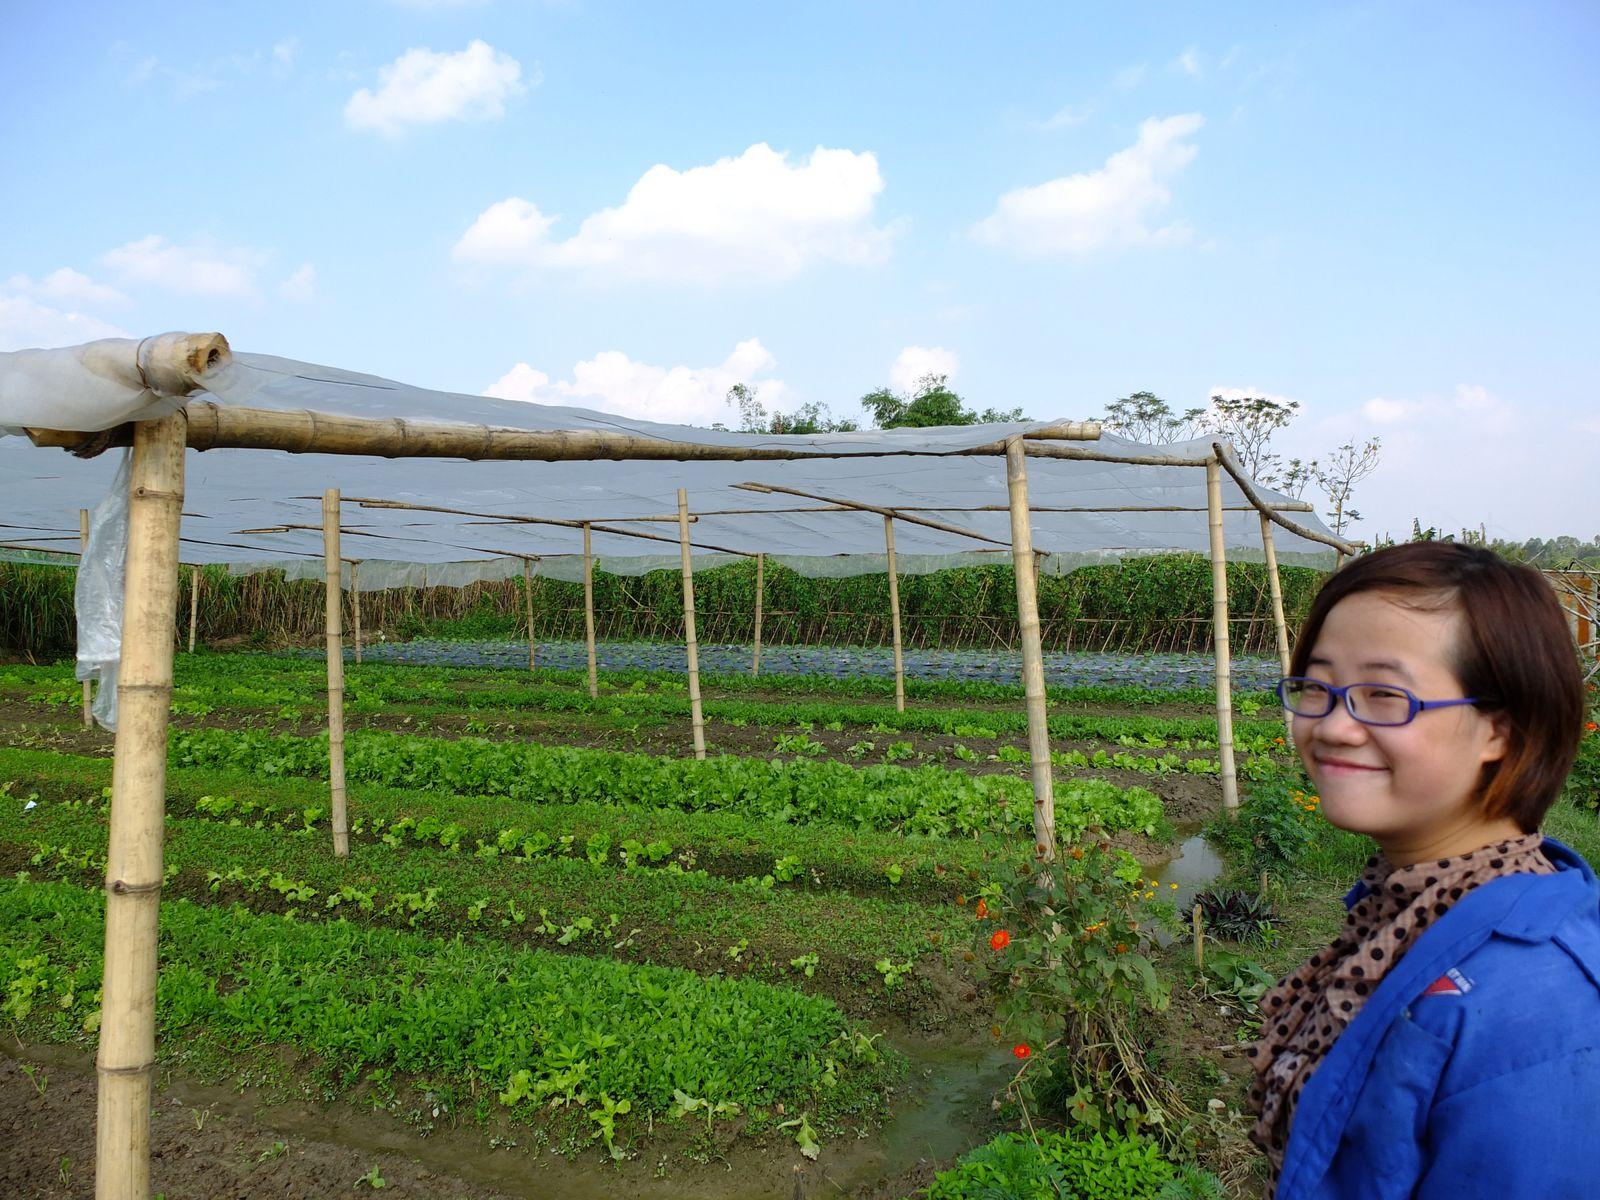 Voici donc la superficie cultivée par le groupe Bai Thuong. On le voit, on y cultive pas la biodiversité comme à Greenvietnam : ici, chaque variété  a sa parcelle. En guise de mulch (un couvert végétal au niveau du sol qui le protège de l'érosion et maintient l'eau pour la plante) nous avons des sacs poubelles en plastiques.Mais l'on retrouve quelques techniques communes : on plante de la menthe et des fleurs pour attirer les insectes et protéger les cultures.